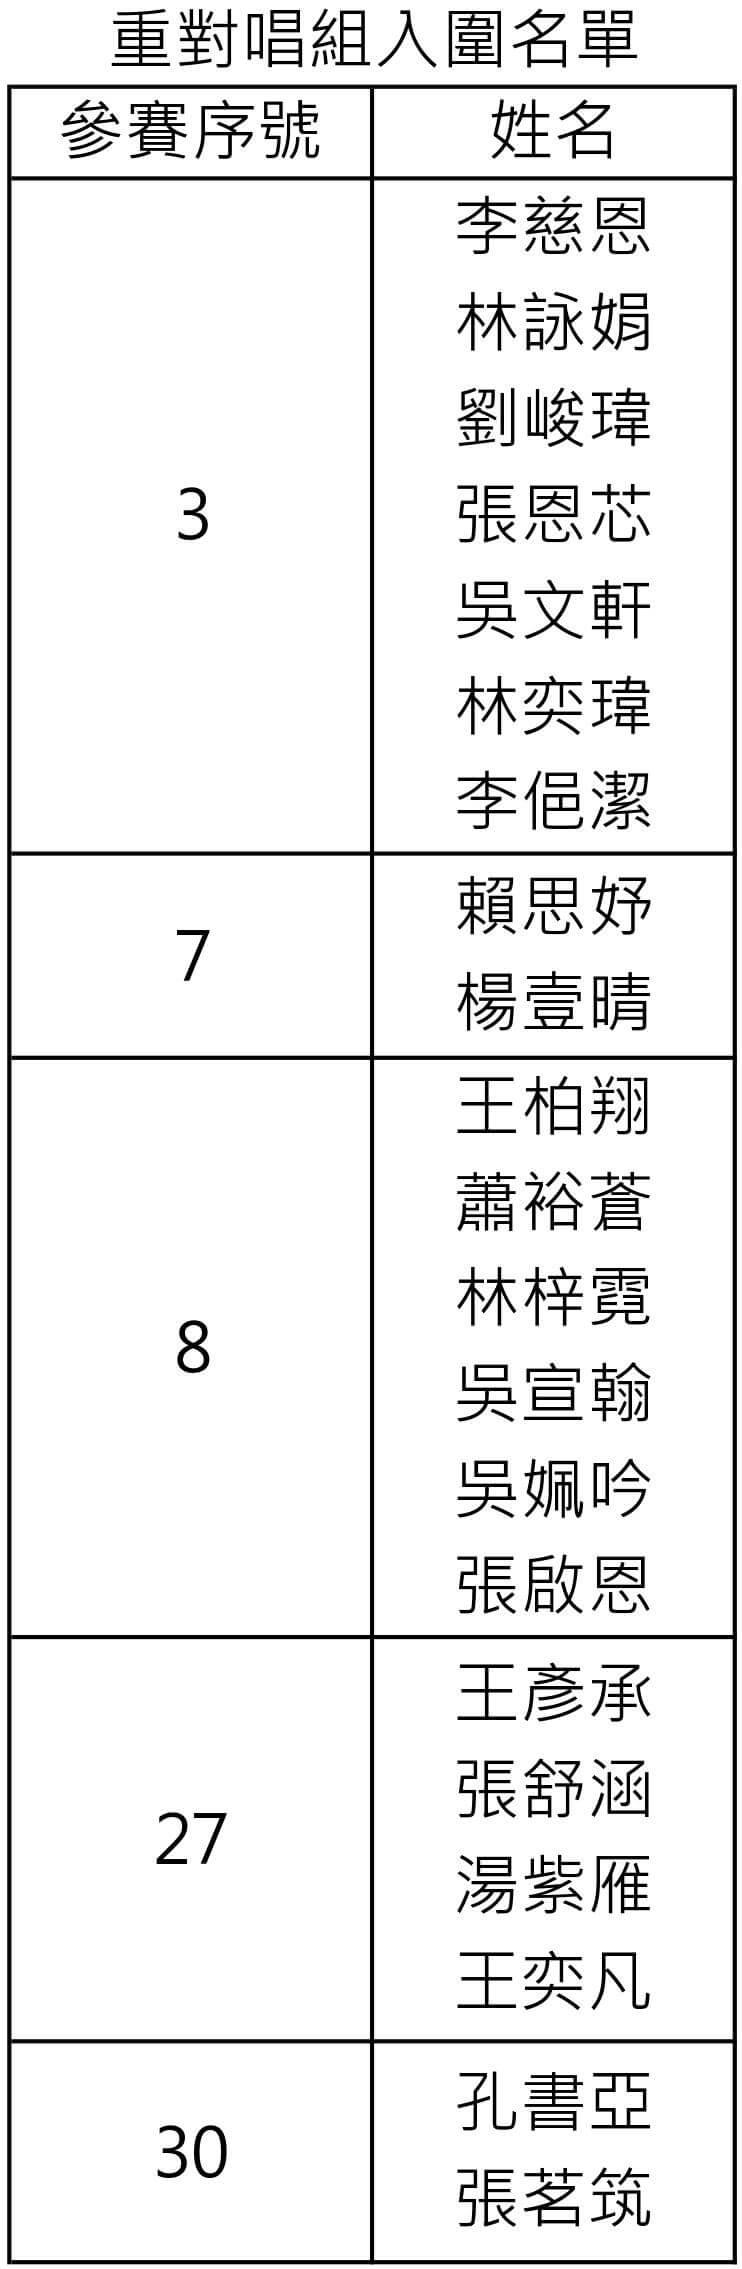 38 金旋 重對唱組決賽入圍名單